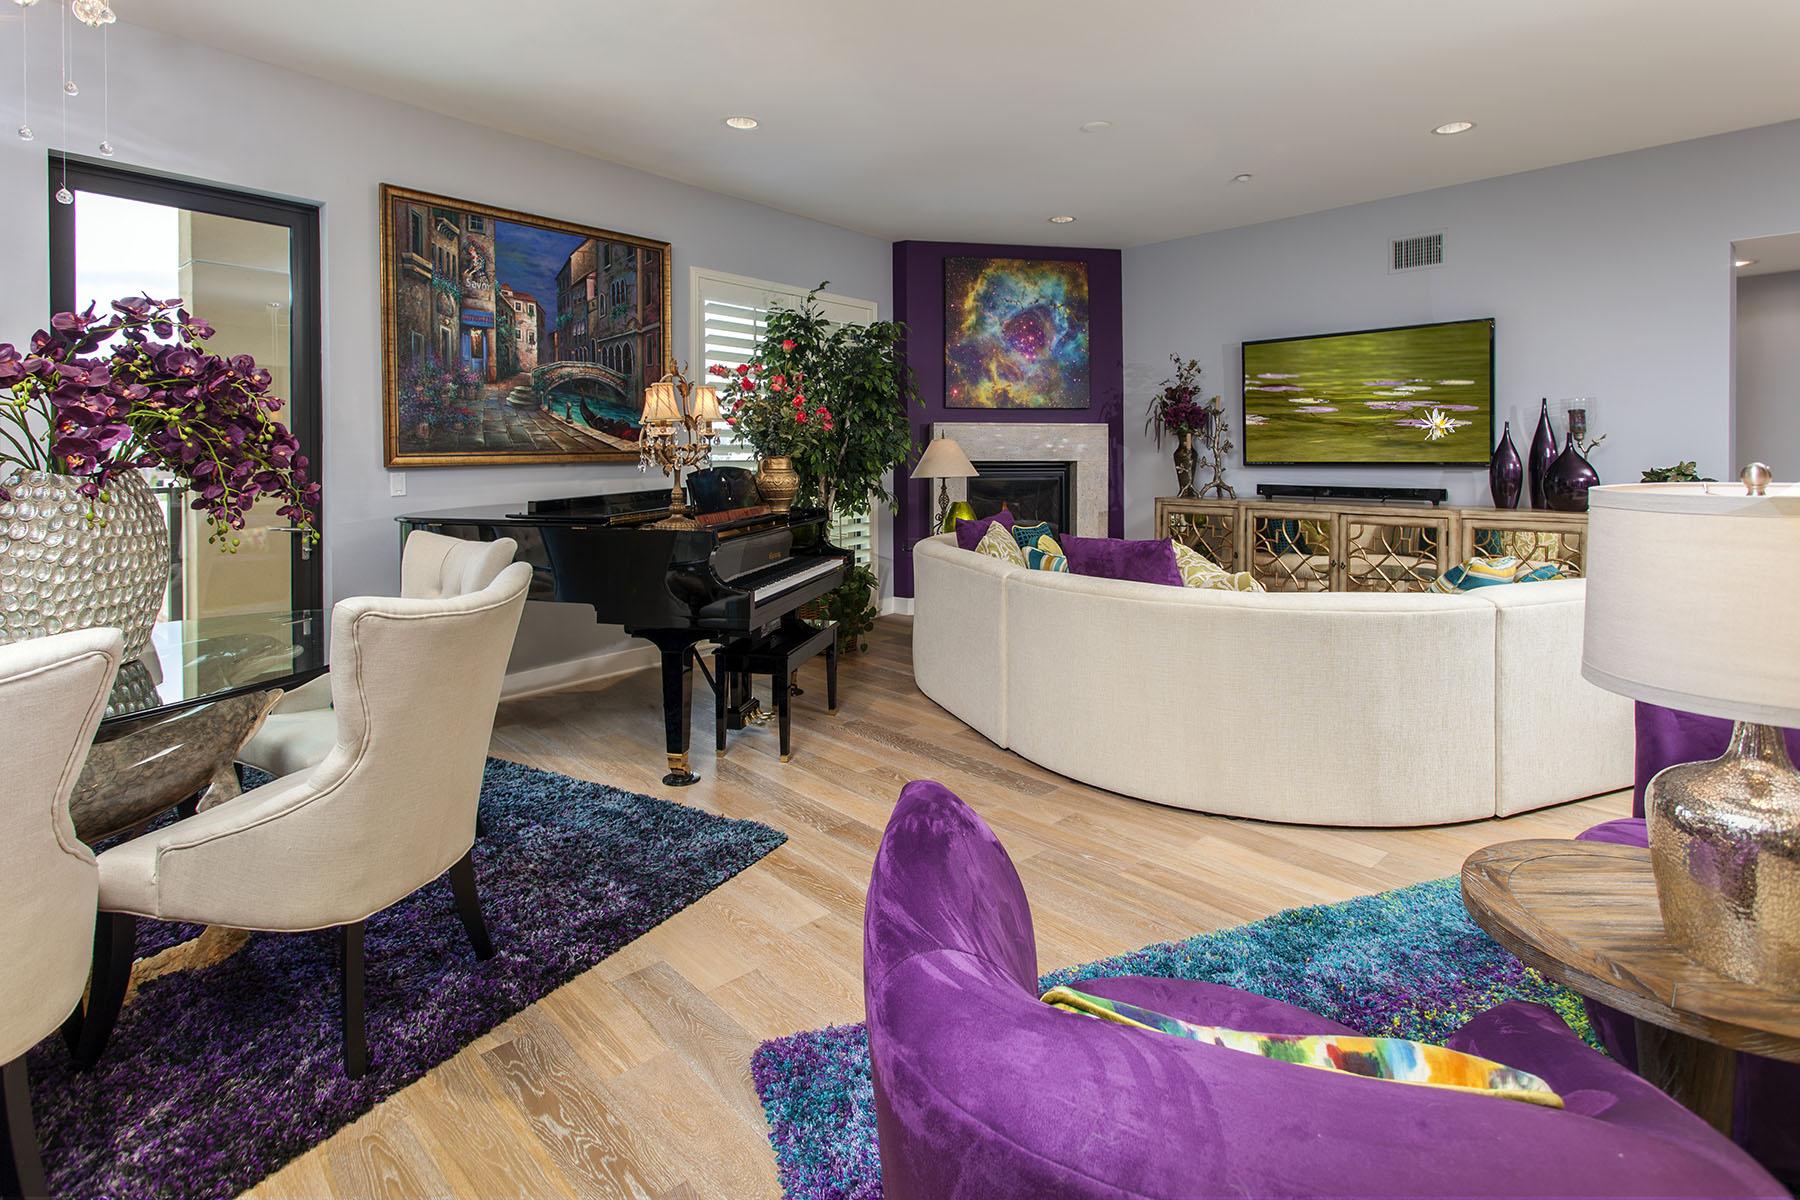 Кооперативная квартира для того Продажа на 402 Rockefeller #216 402 Rockefeller 216 Irvine, Калифорния 92612 Соединенные Штаты